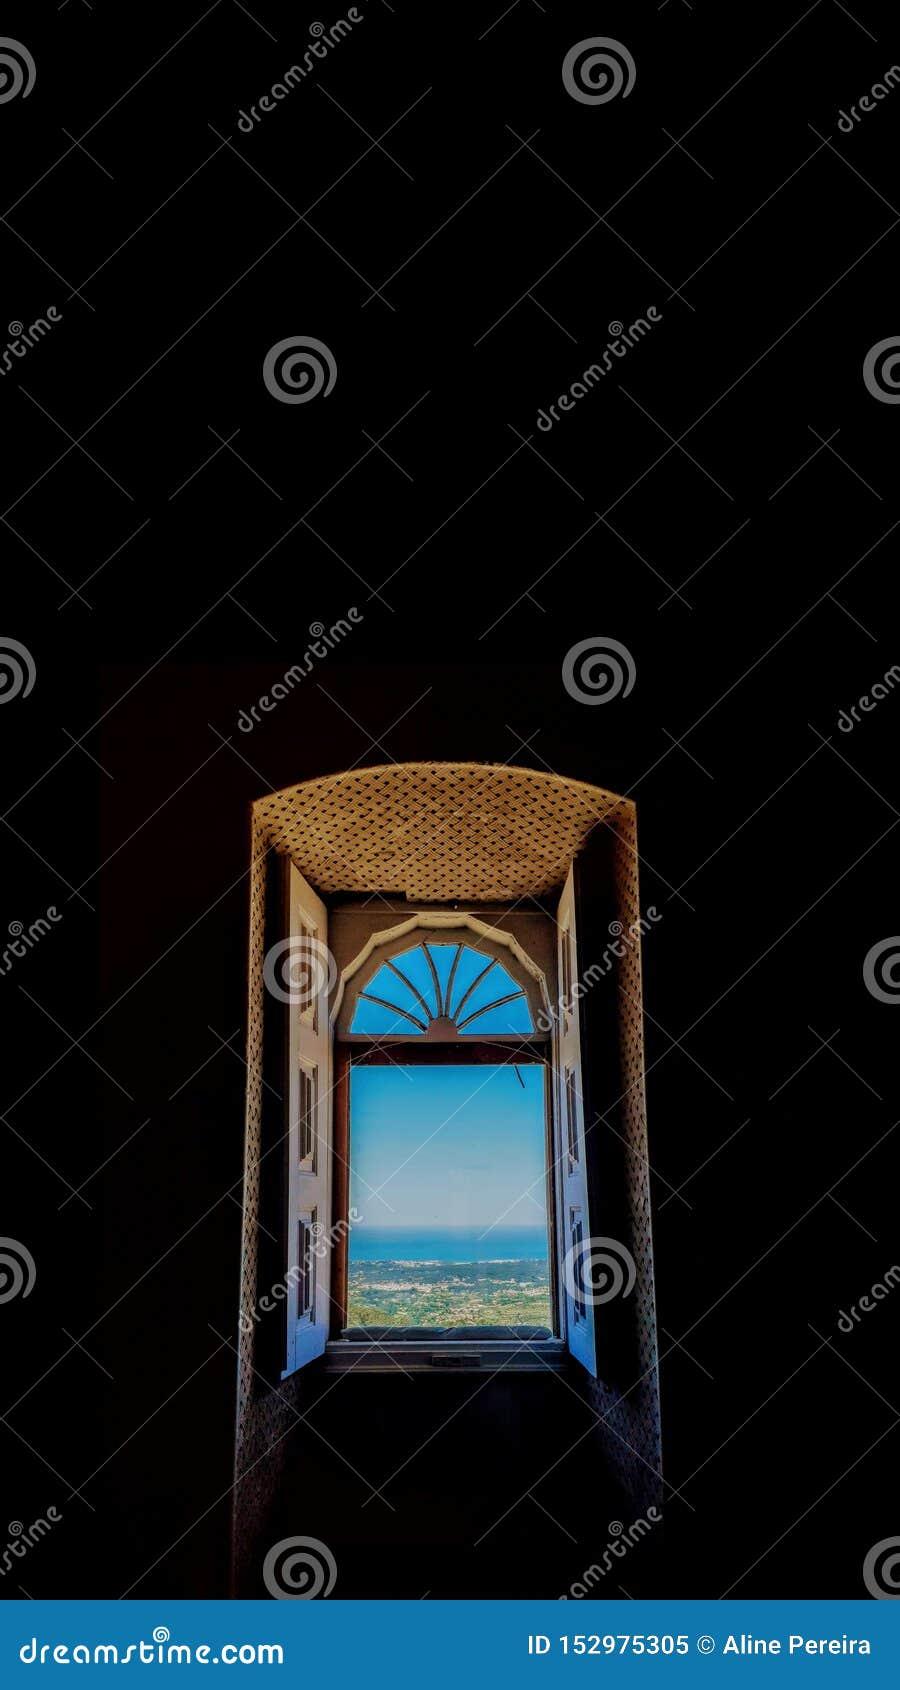 Άποψη από το παράθυρο